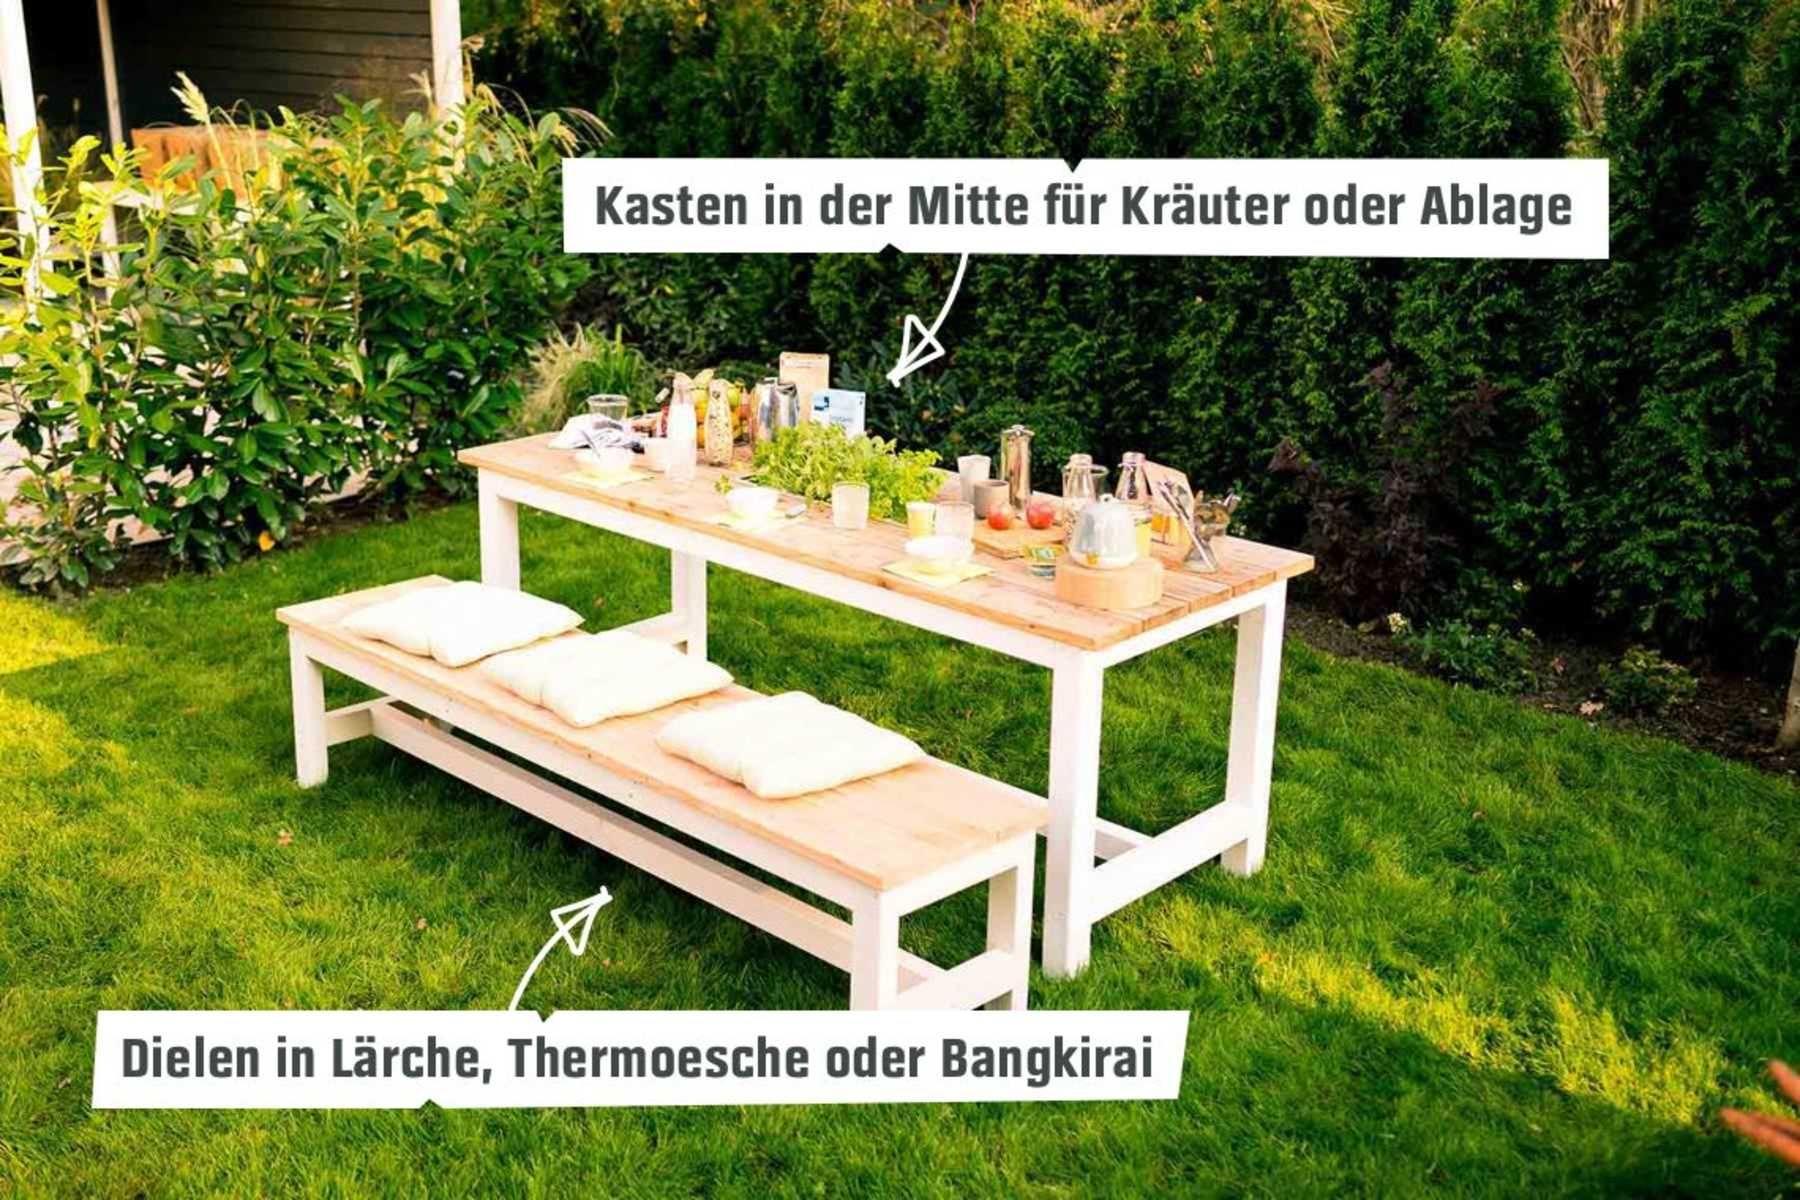 Gartentisch Richard Selber Bauen Alle Mobel Gartentisch Tisch Selber Bauen Balkon Selber Bauen